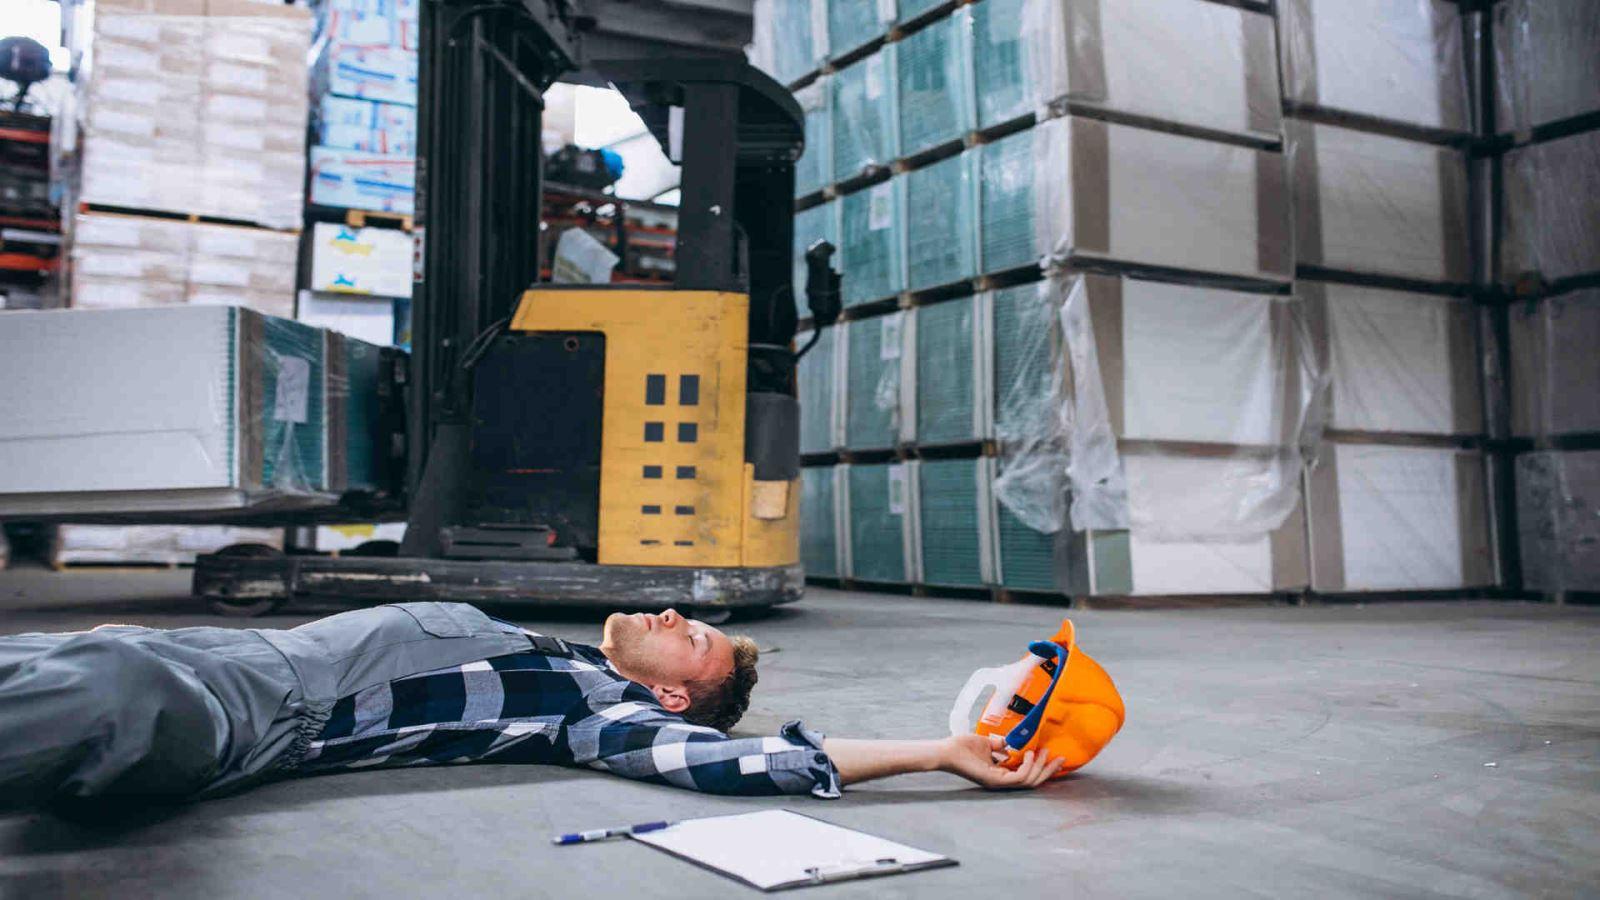 תאונת עבודה במסגרת העבודה